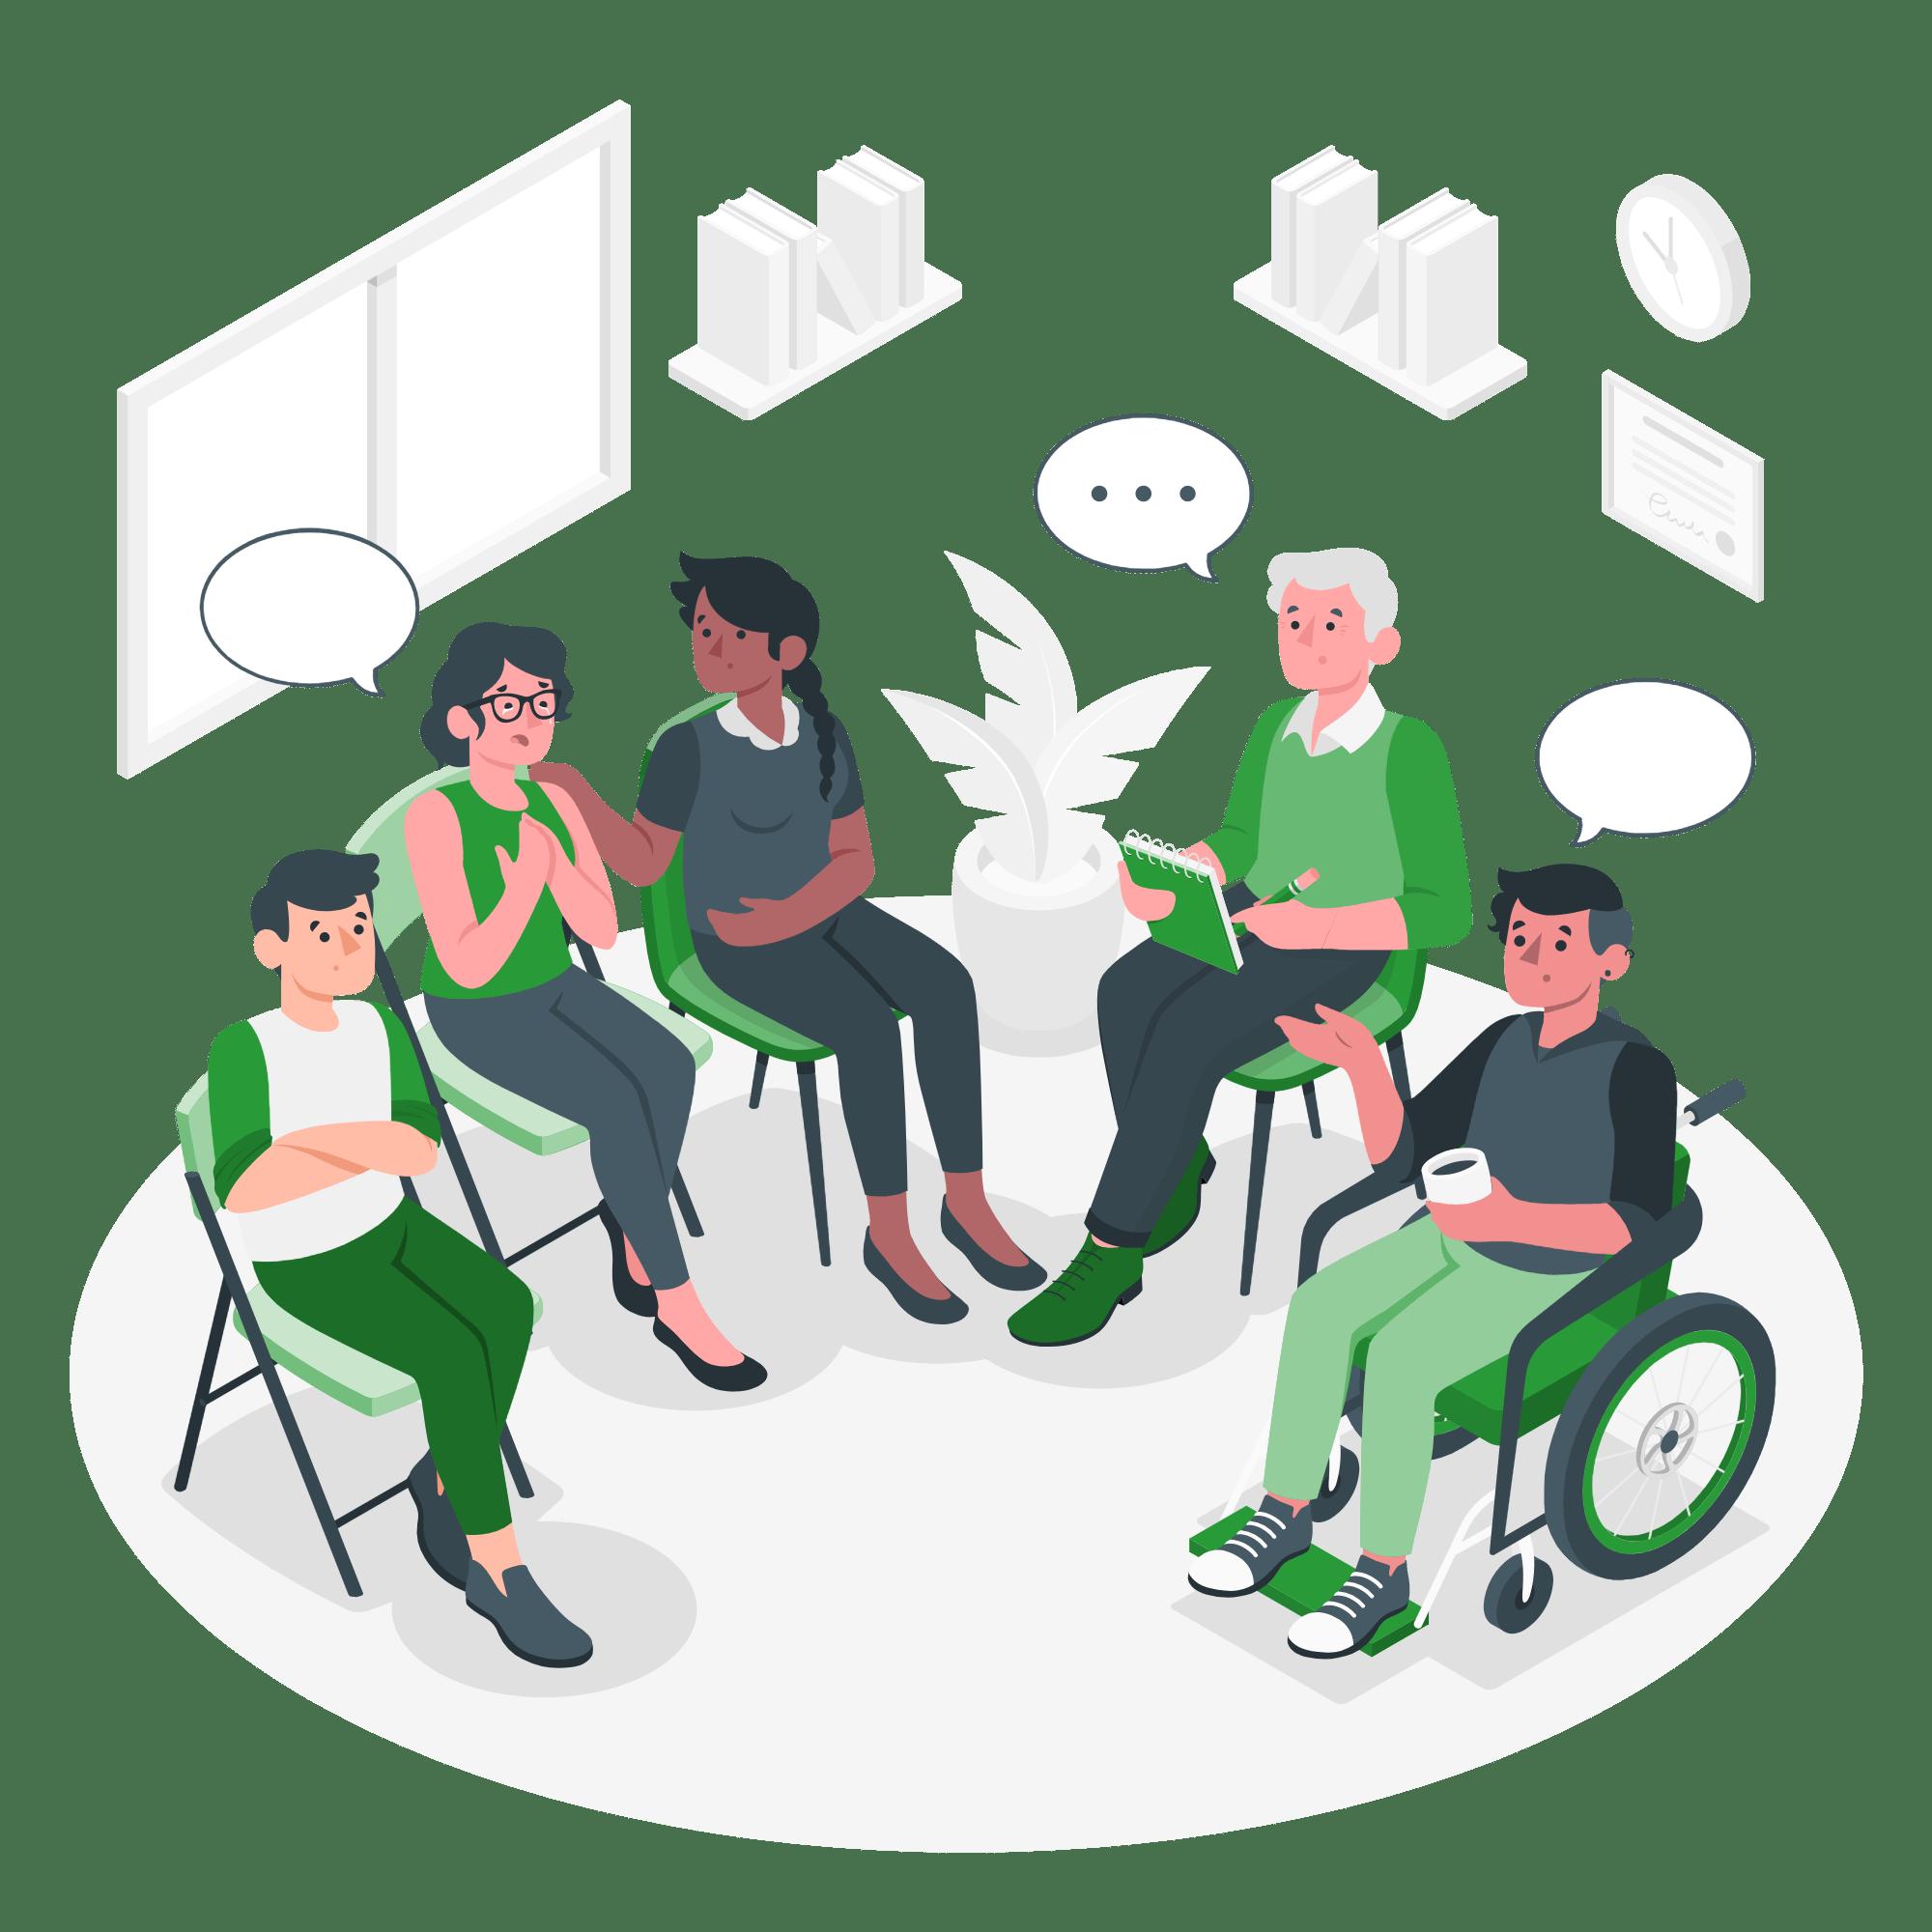 Ir a : Plena inclusión lanza una encuesta para mejorar la accesibilidad en la participación en organizaciones